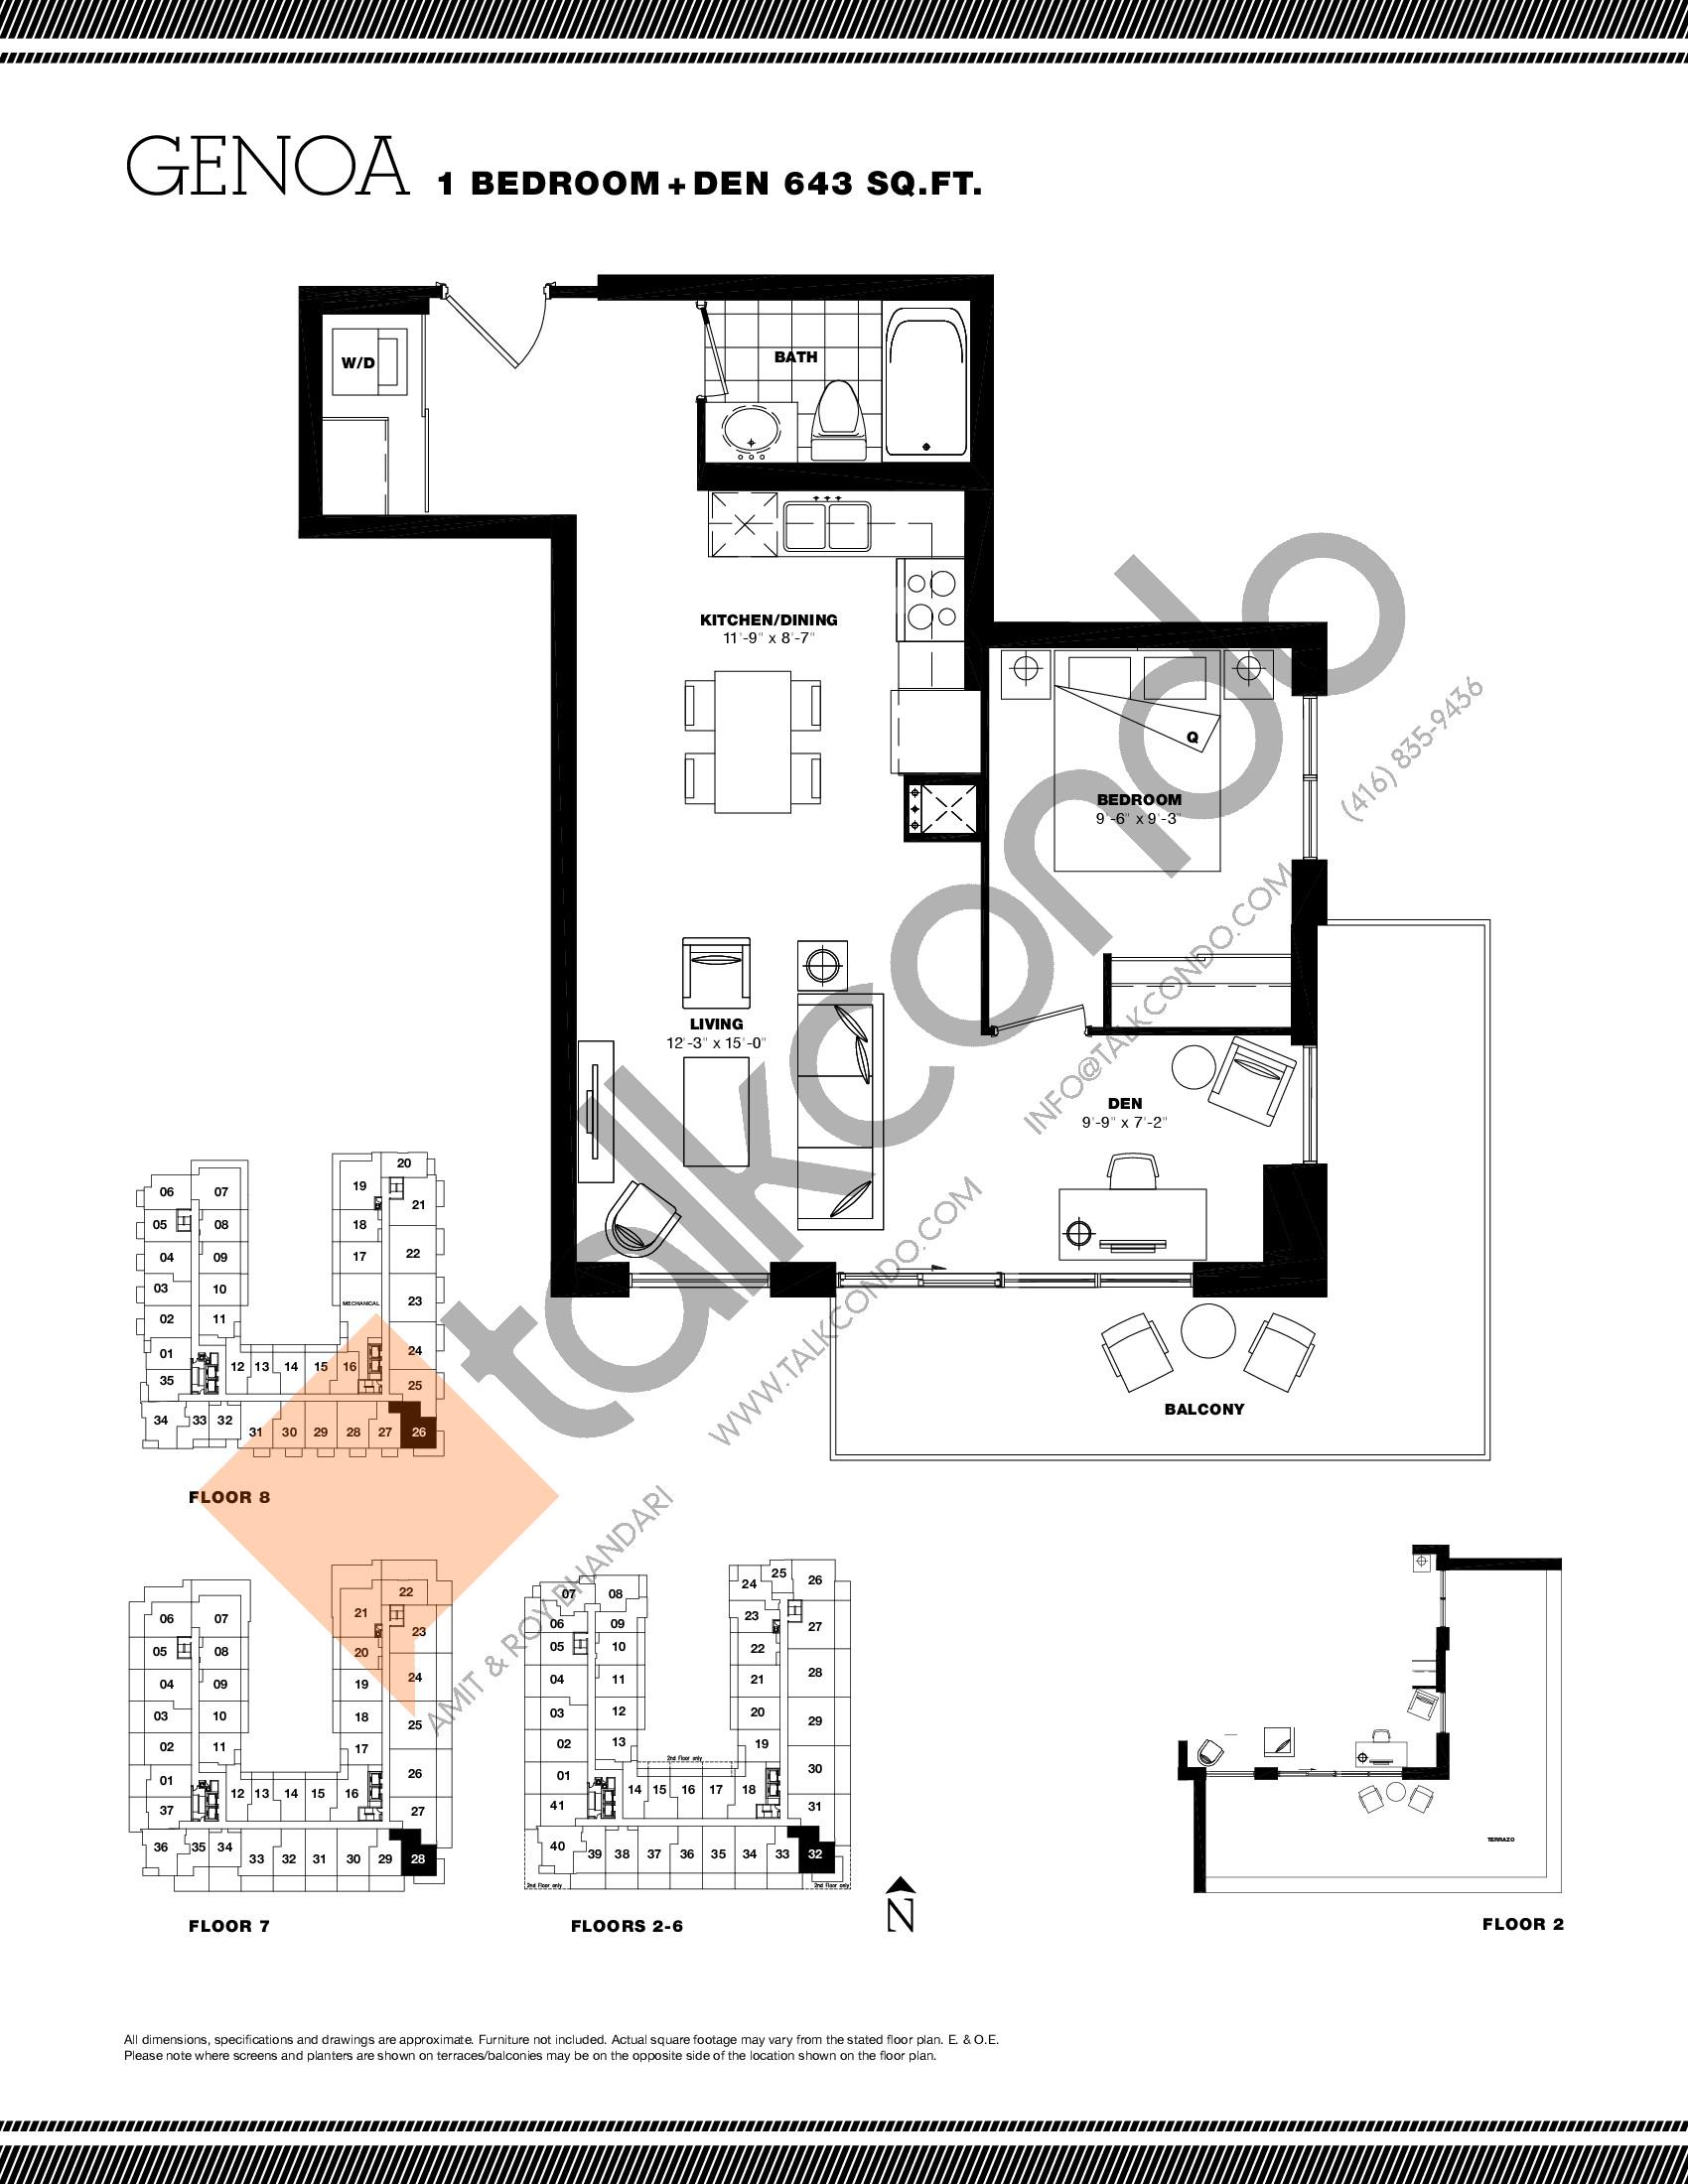 Genoa Floor Plan at Residenze Palazzo at Treviso 3 Condos - 643 sq.ft